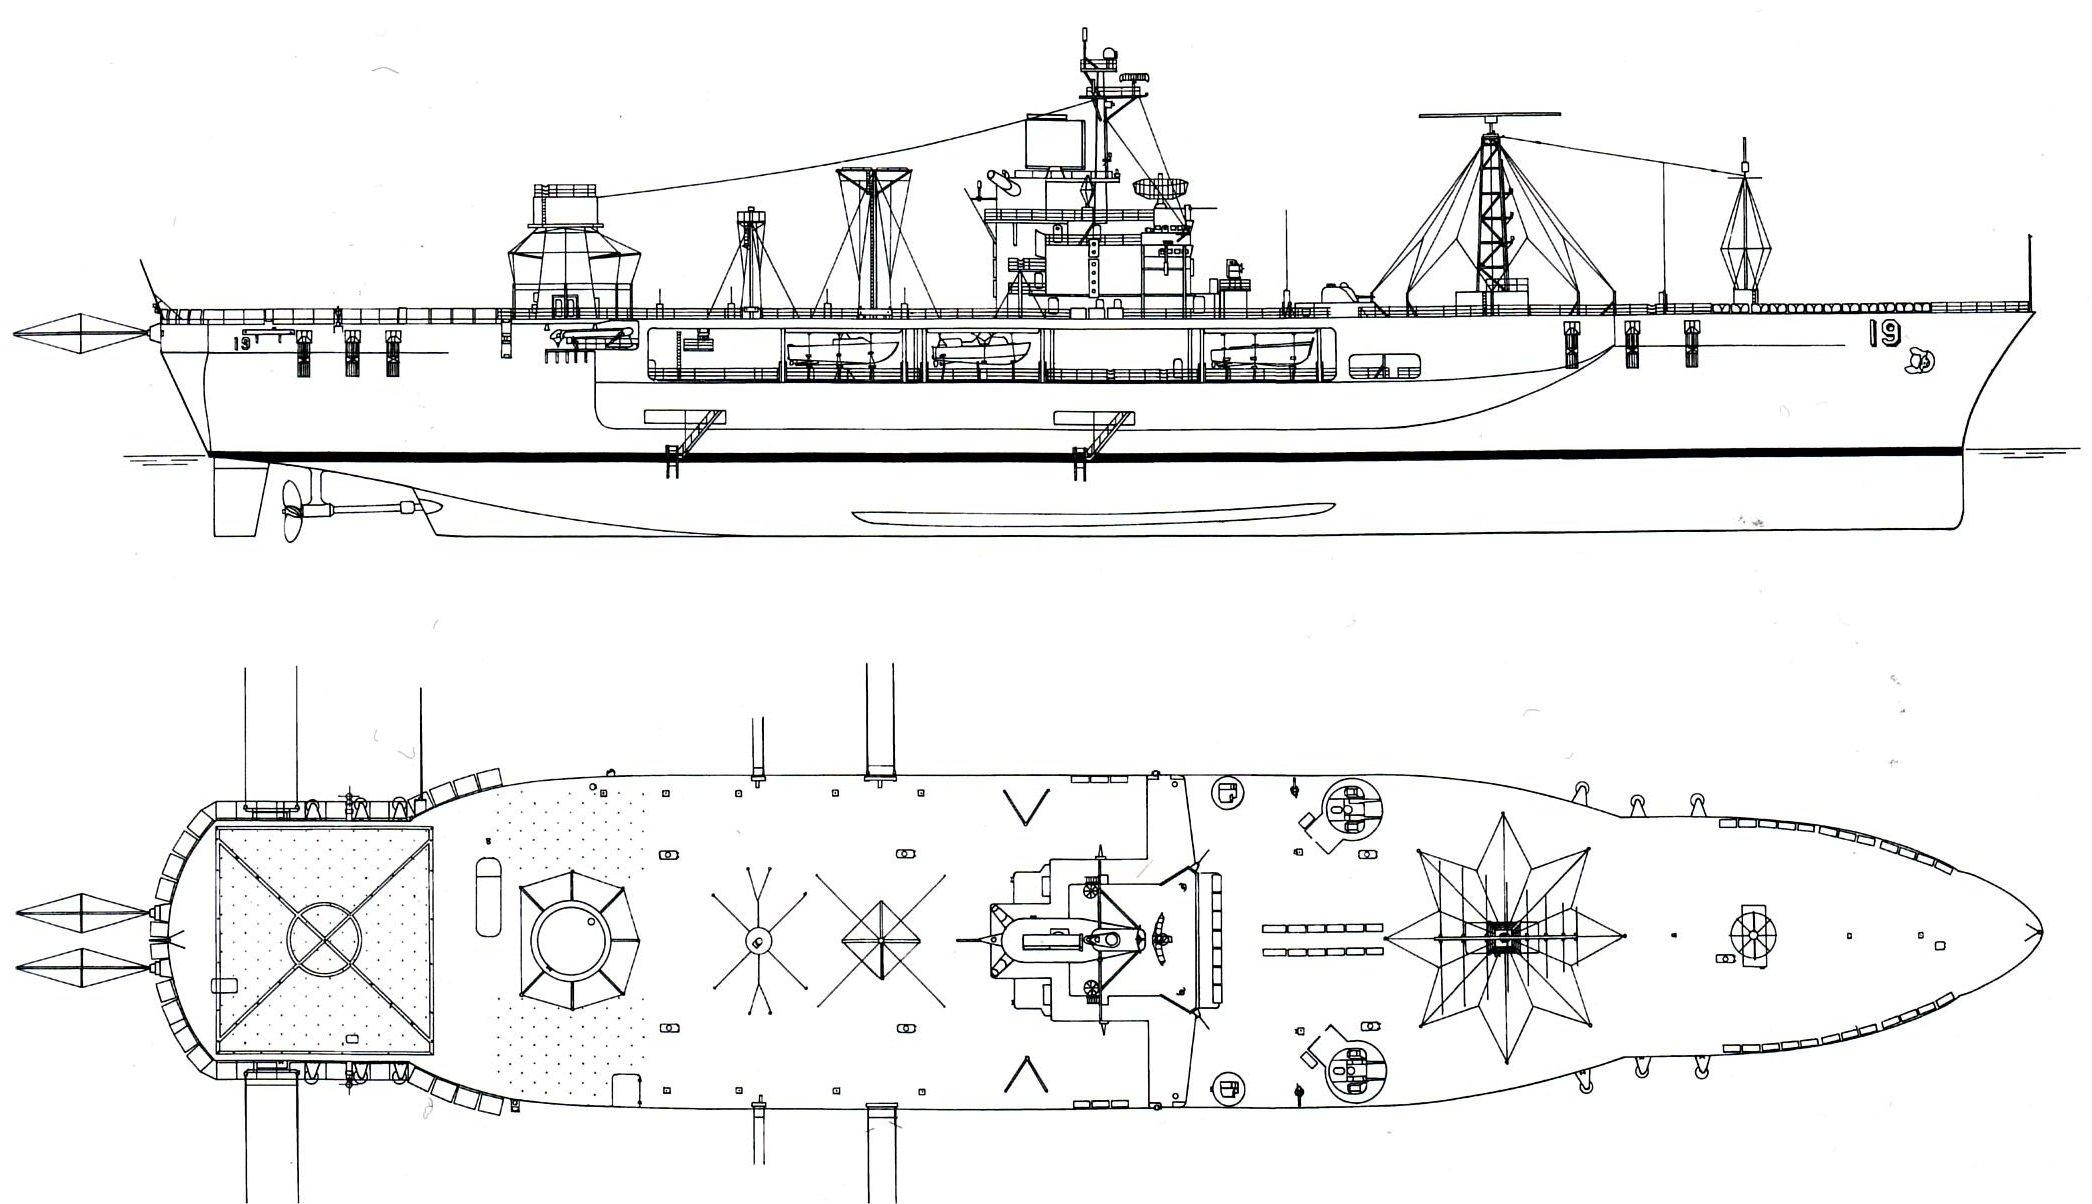 Finest In The Fleet